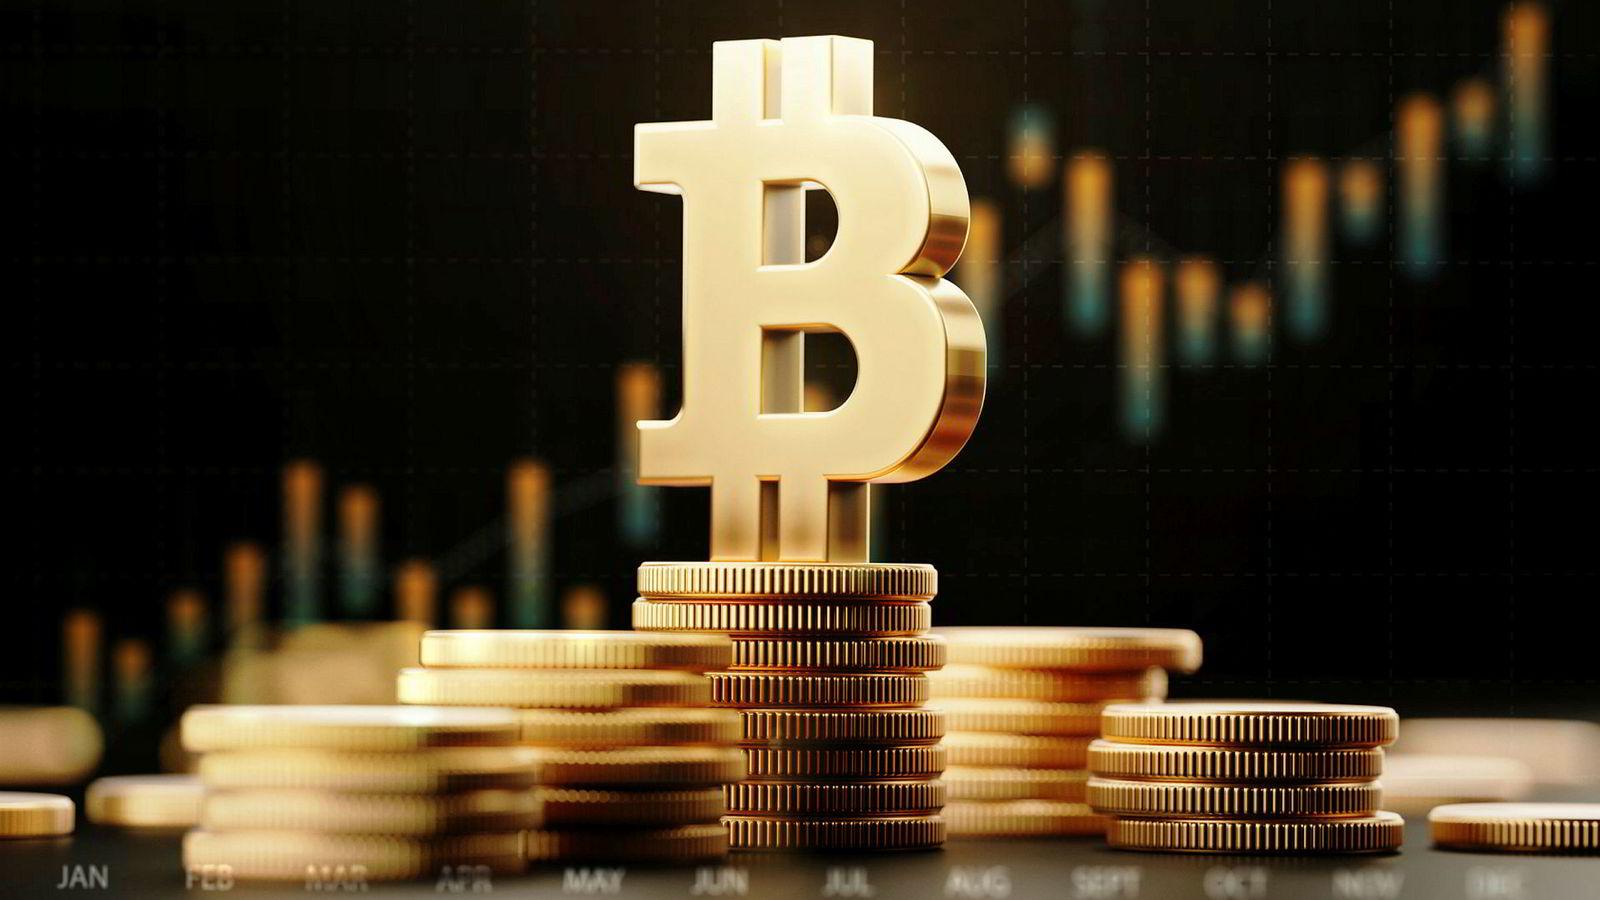 I tillegg til den økonomiske risikoen ved å kjøpe digitale valutaer som svinger ekstremt i verdi, får Bitcoins Norges kunder også risikoen for at Bitcoins Norge ikke gjør jobben sin.